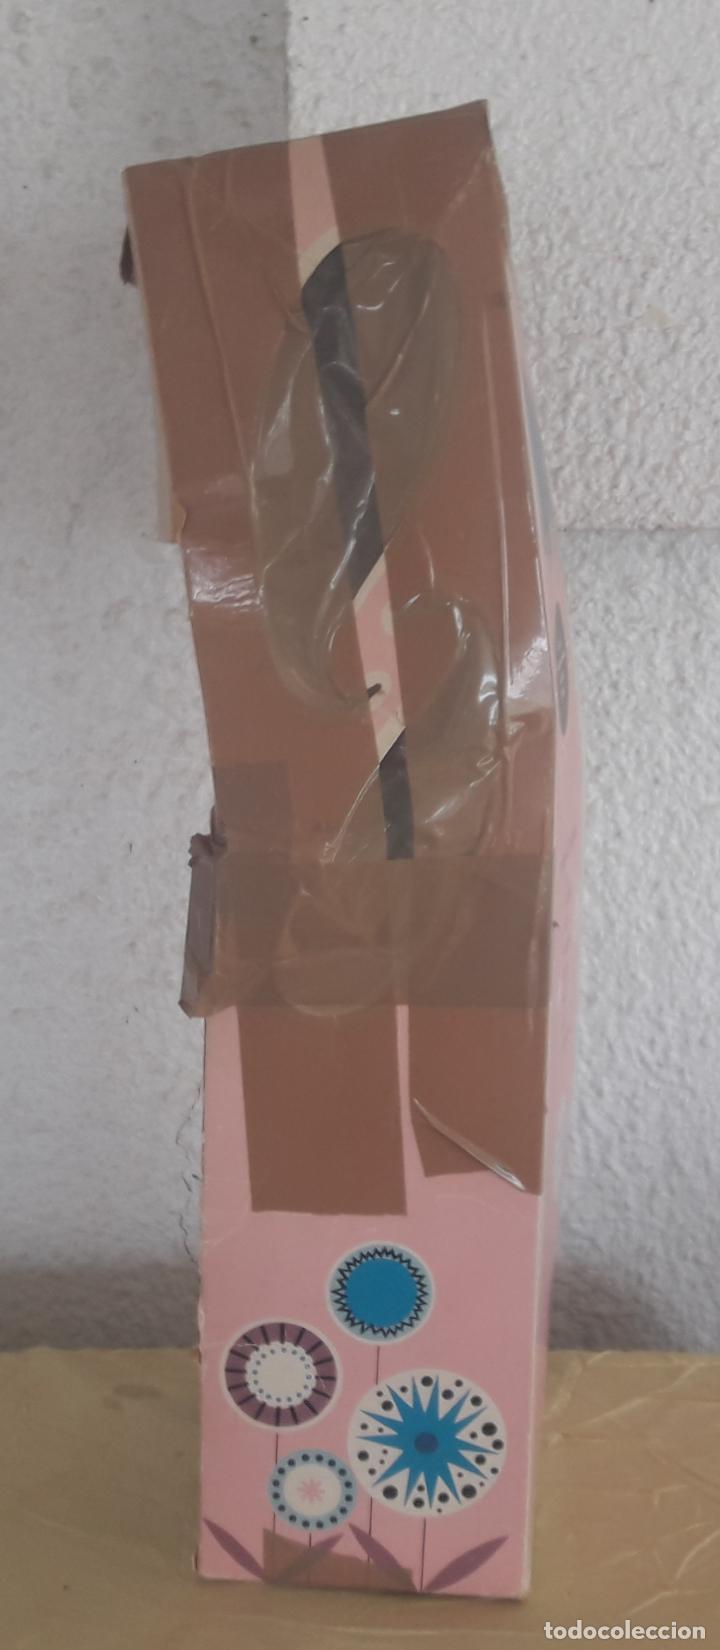 Muñecas Nancy y Lucas: MUÑECA NANCY Famosa rubia articulada con conjunto preu en caja original años 70. - Foto 25 - 249570235